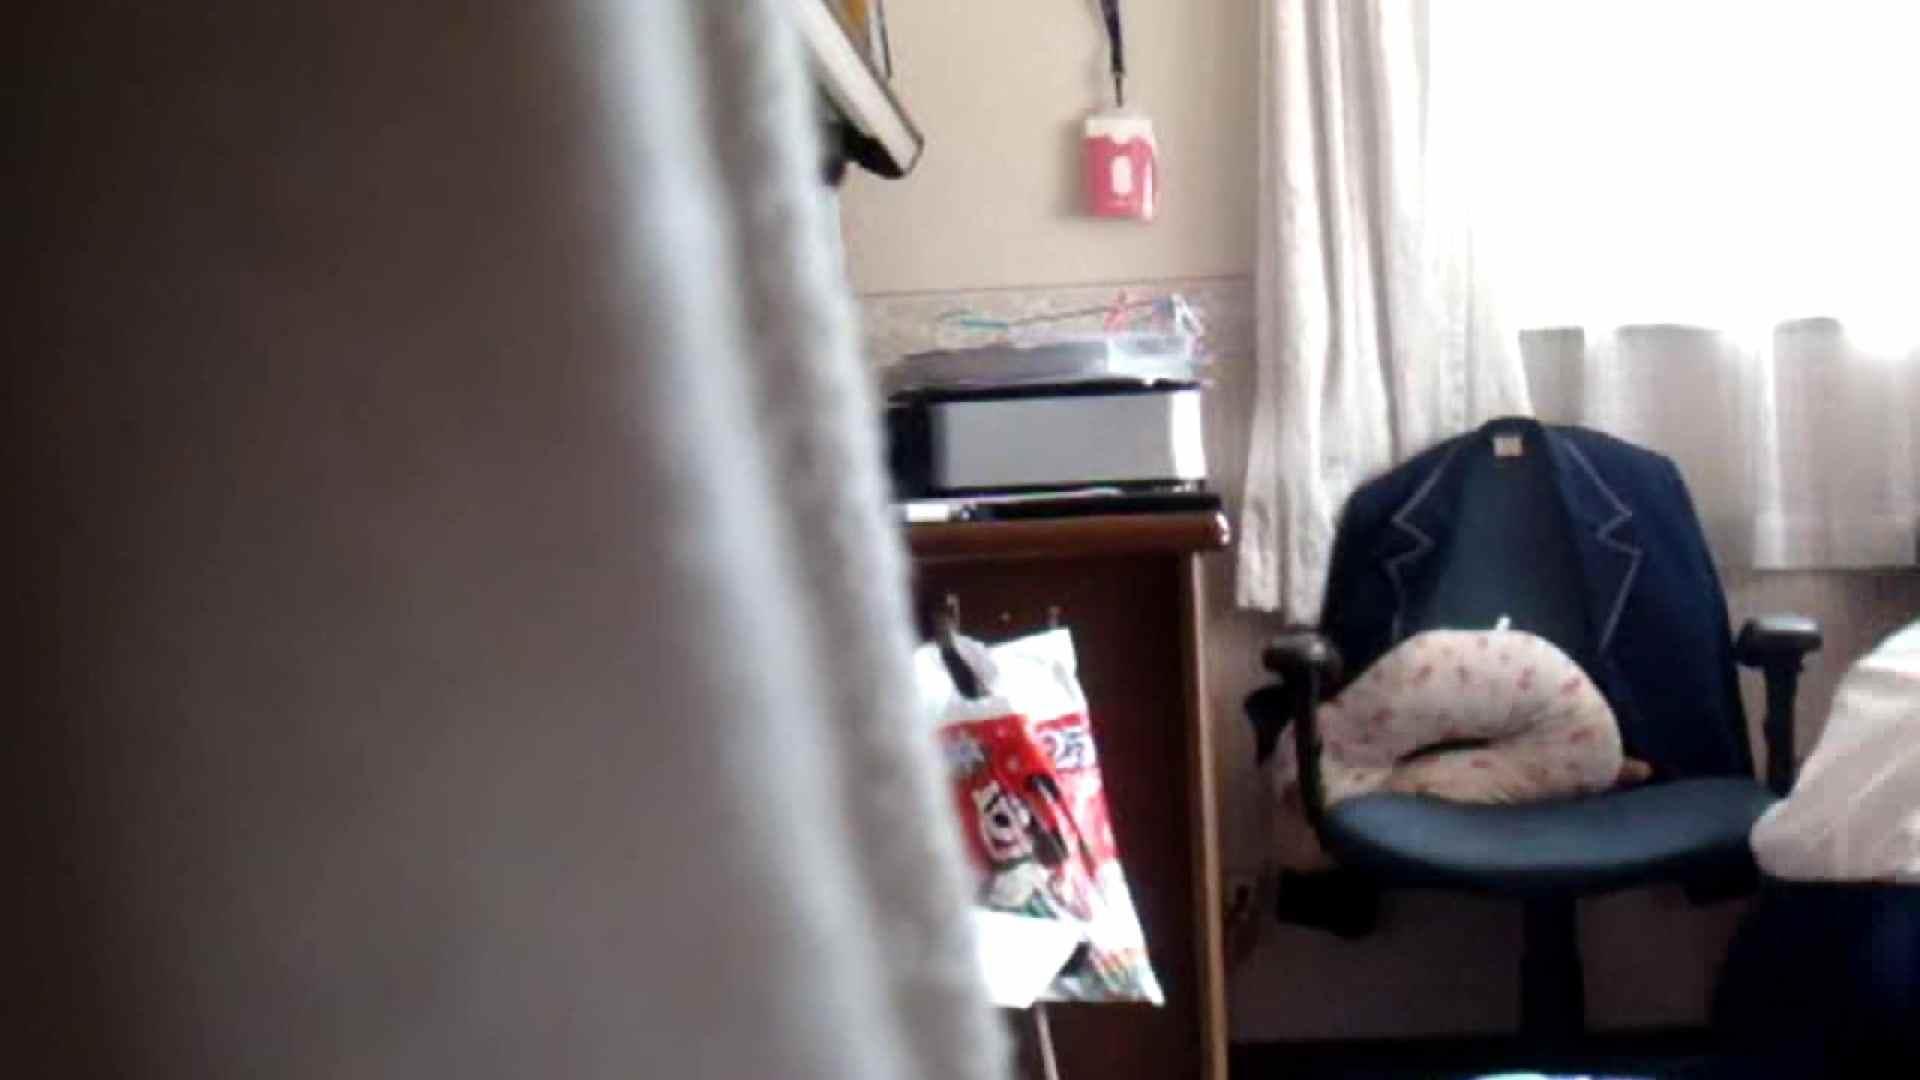 vol.4 まどかの帰宅後の部屋、ベッドで何かが始まります。 ギャル攻め | オナニーシーン  100画像 73